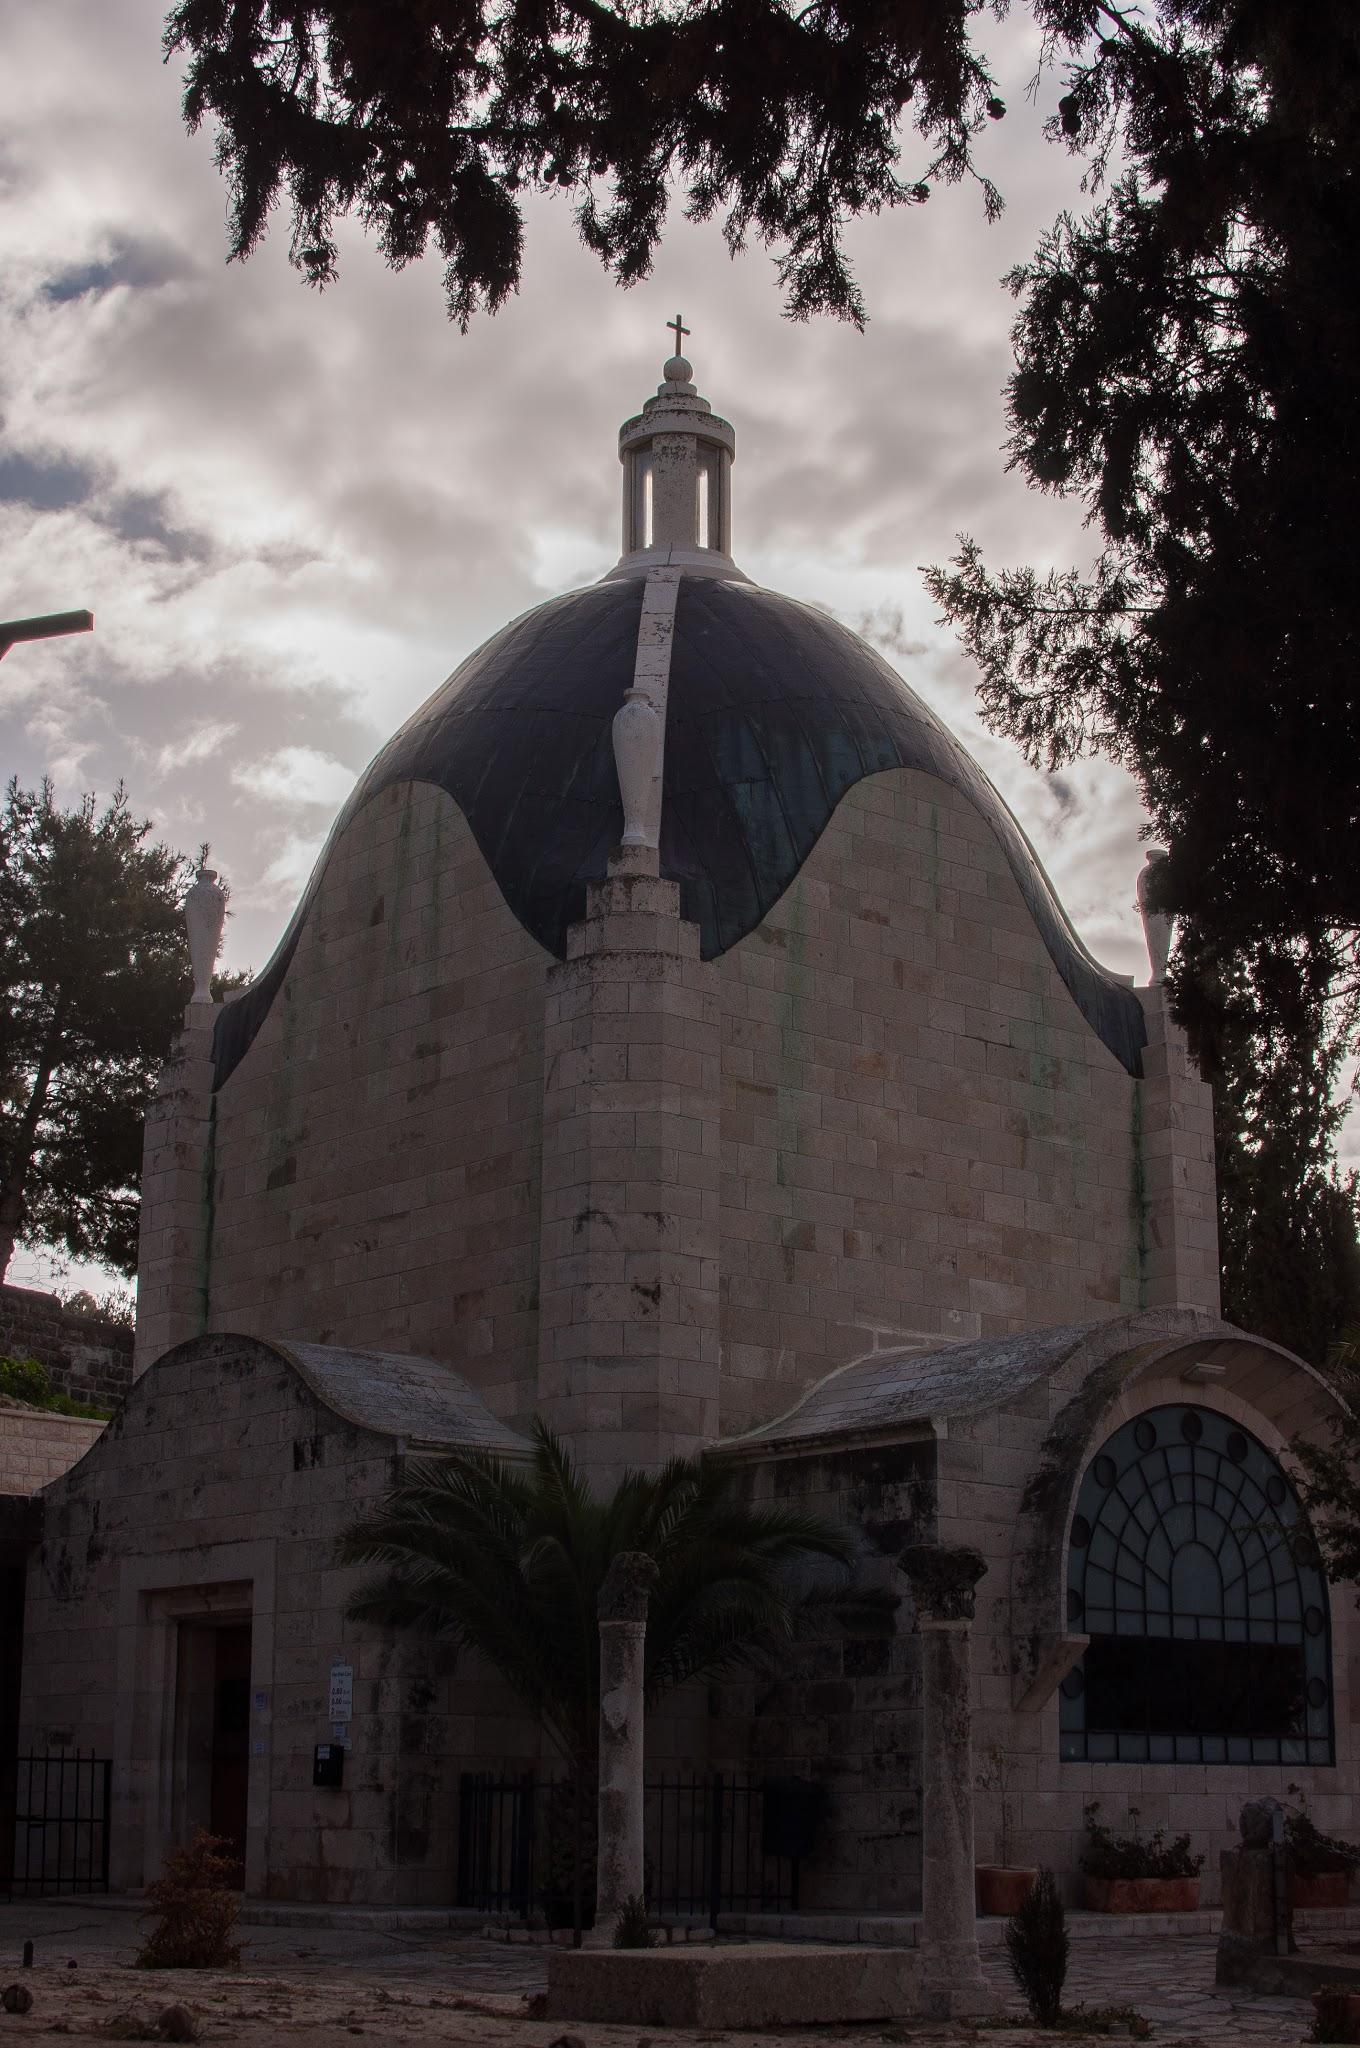 The Church is shaped like a teardrop.